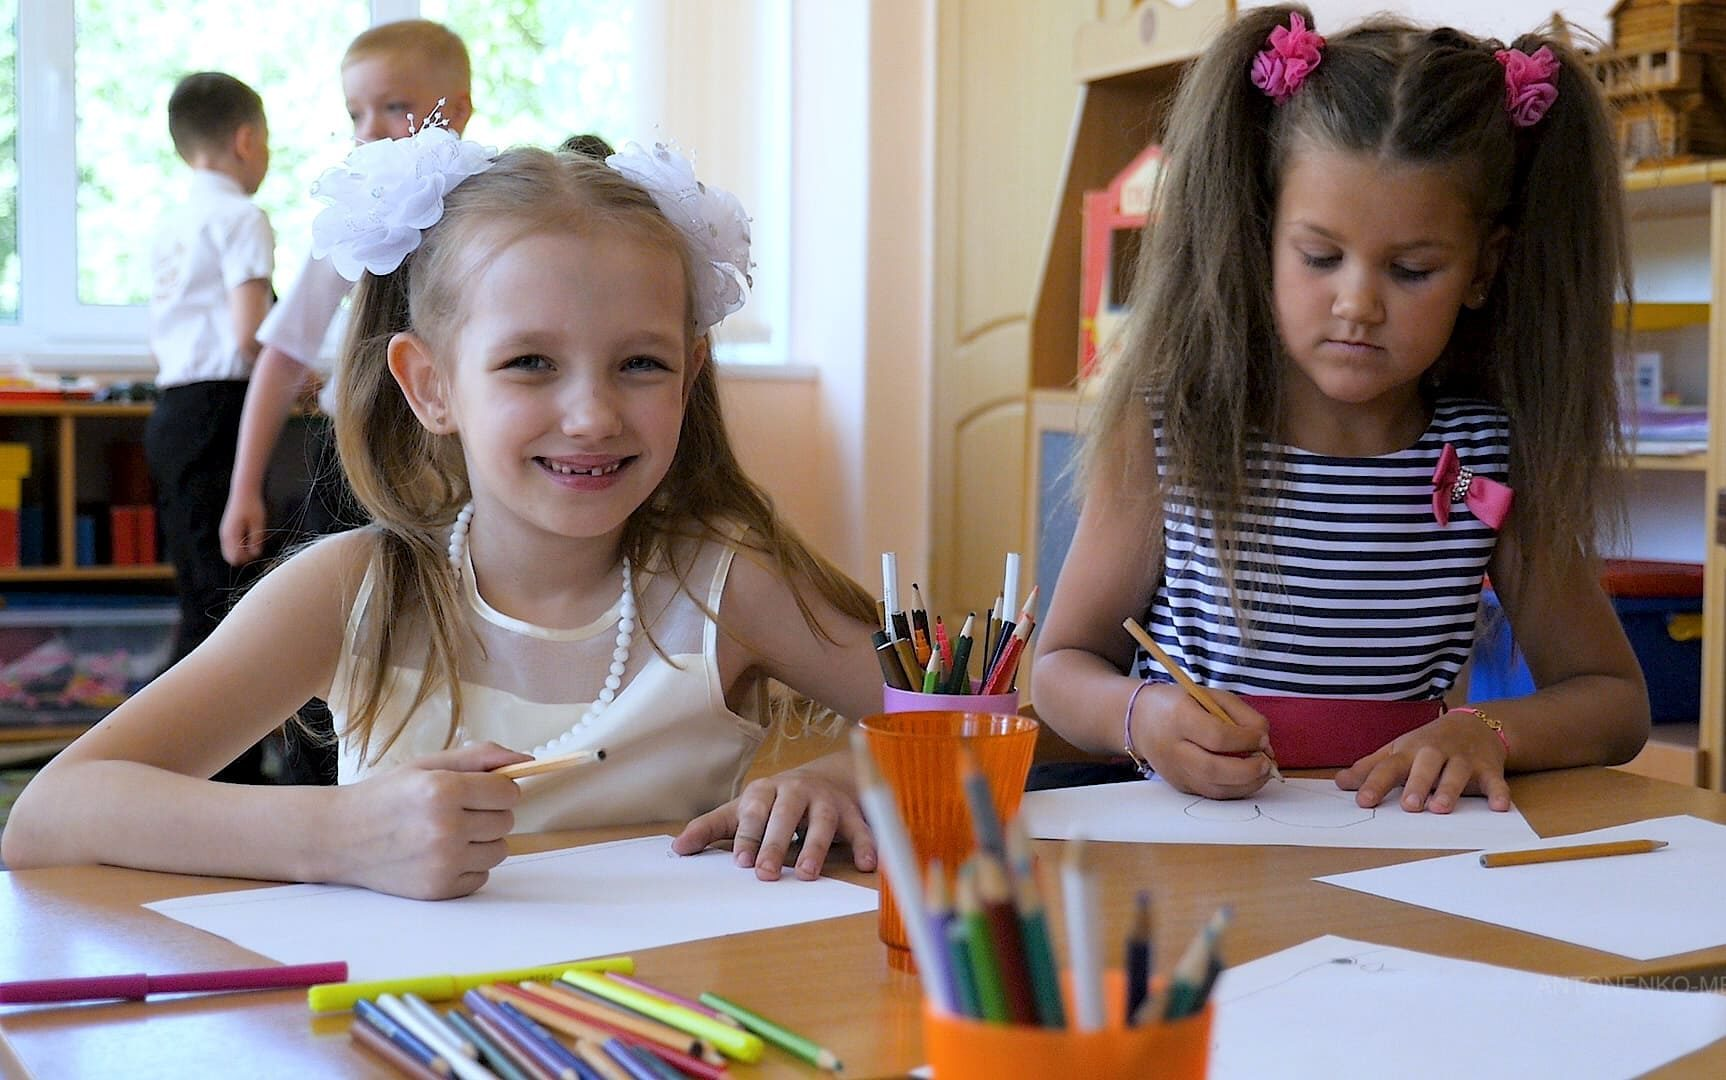 Съемка выпускного в детском саду СПб